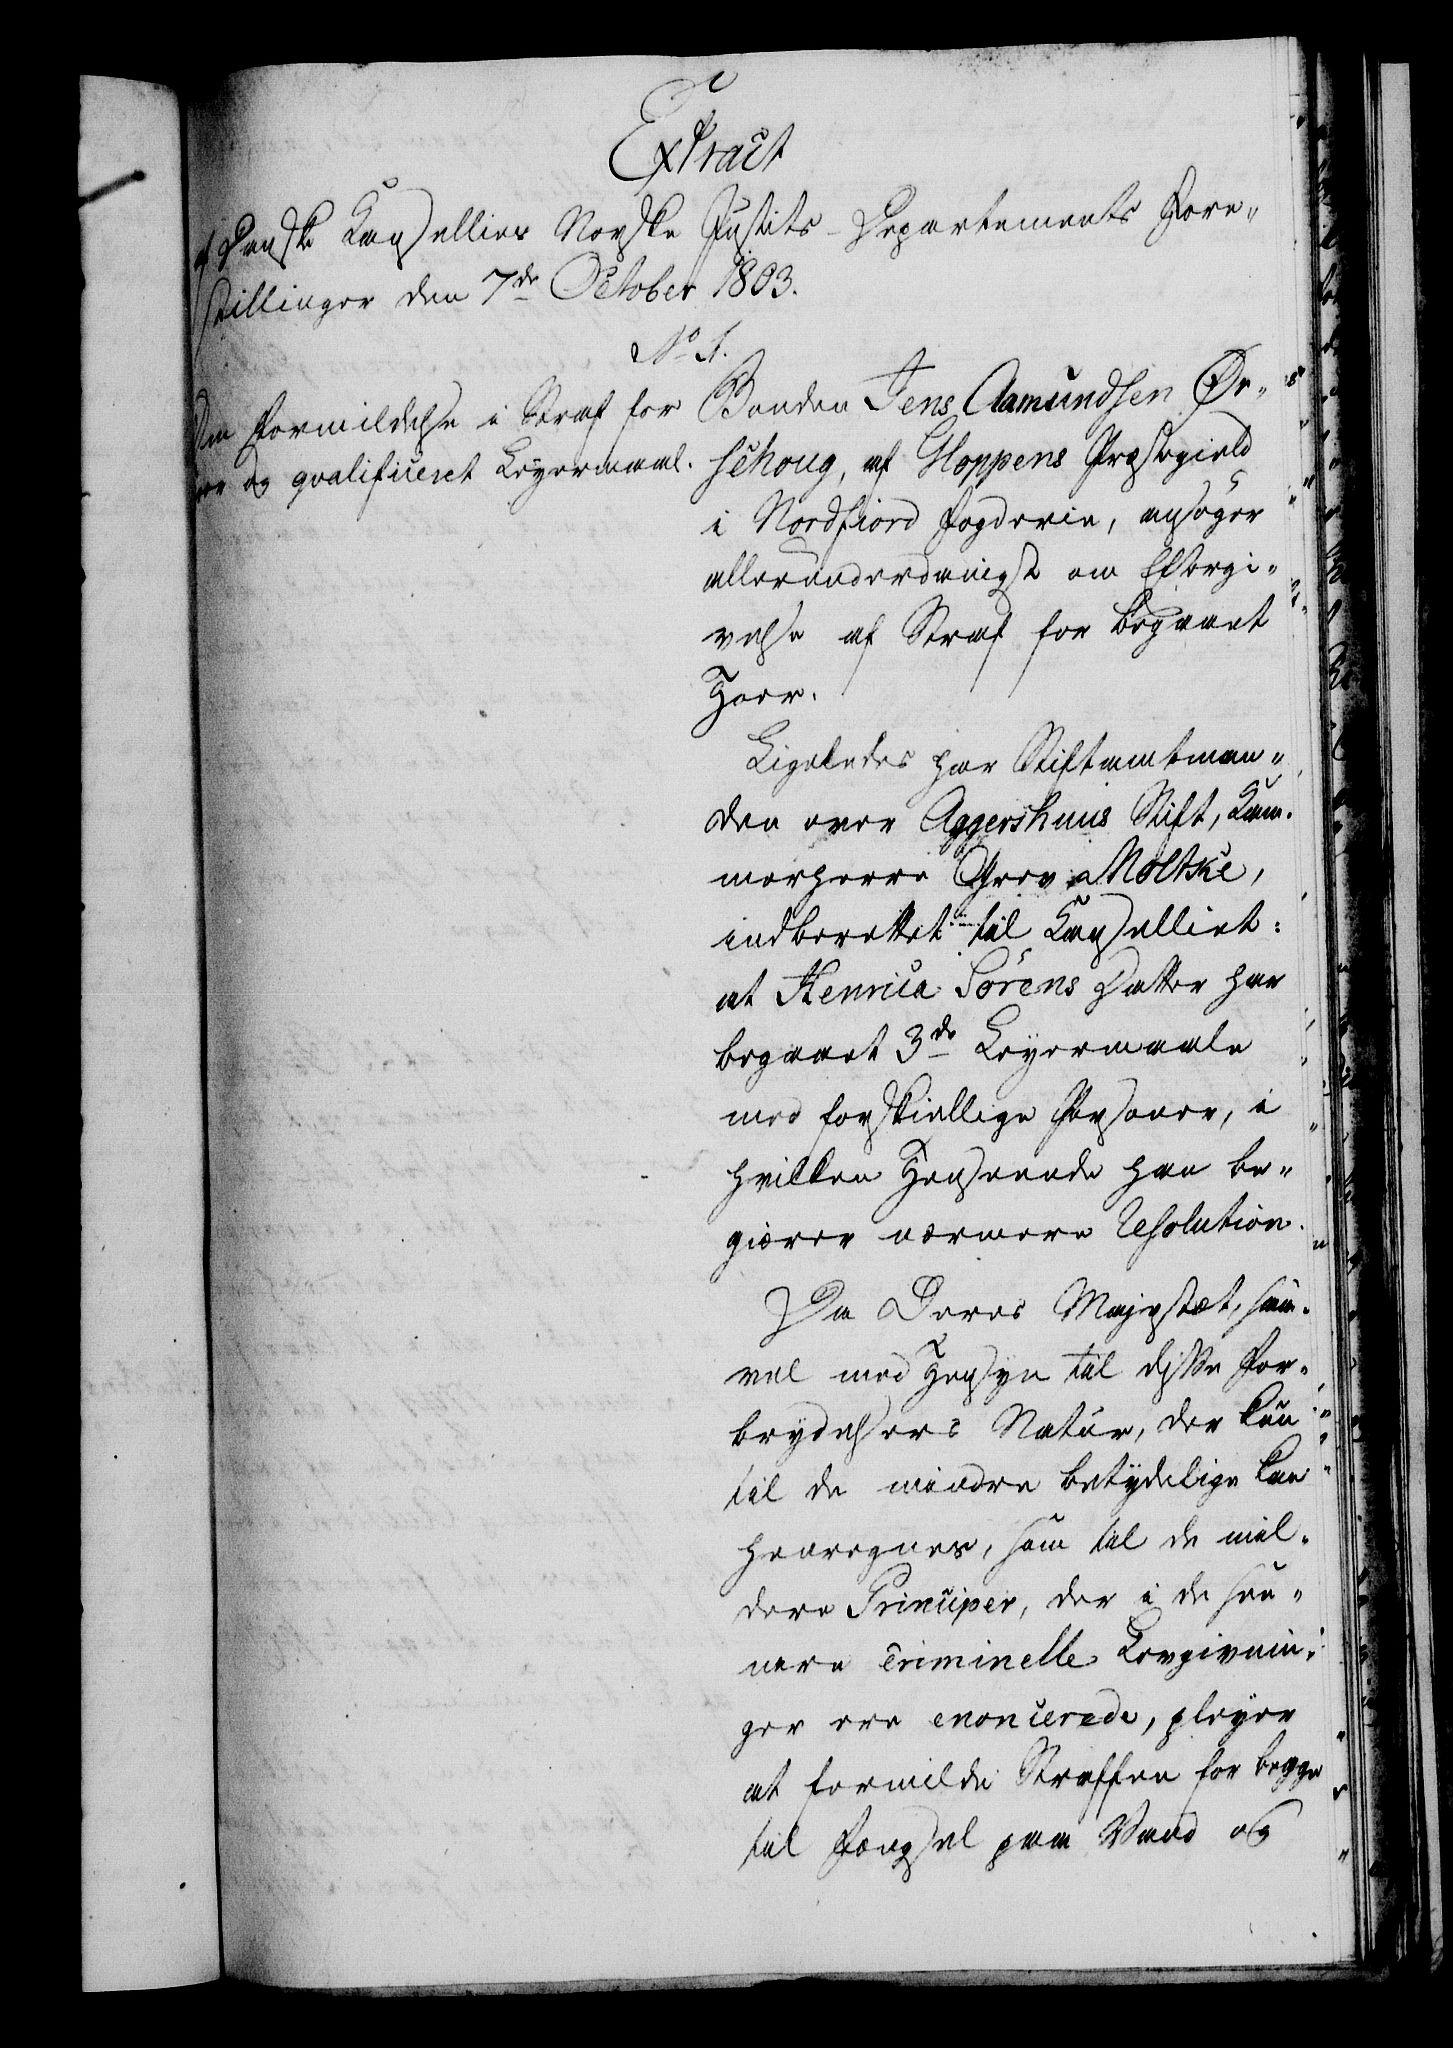 RA, Danske Kanselli 1800-1814, H/Hf/Hfa/Hfaa/L0004: Ekstrakt av forestillinger, 1803